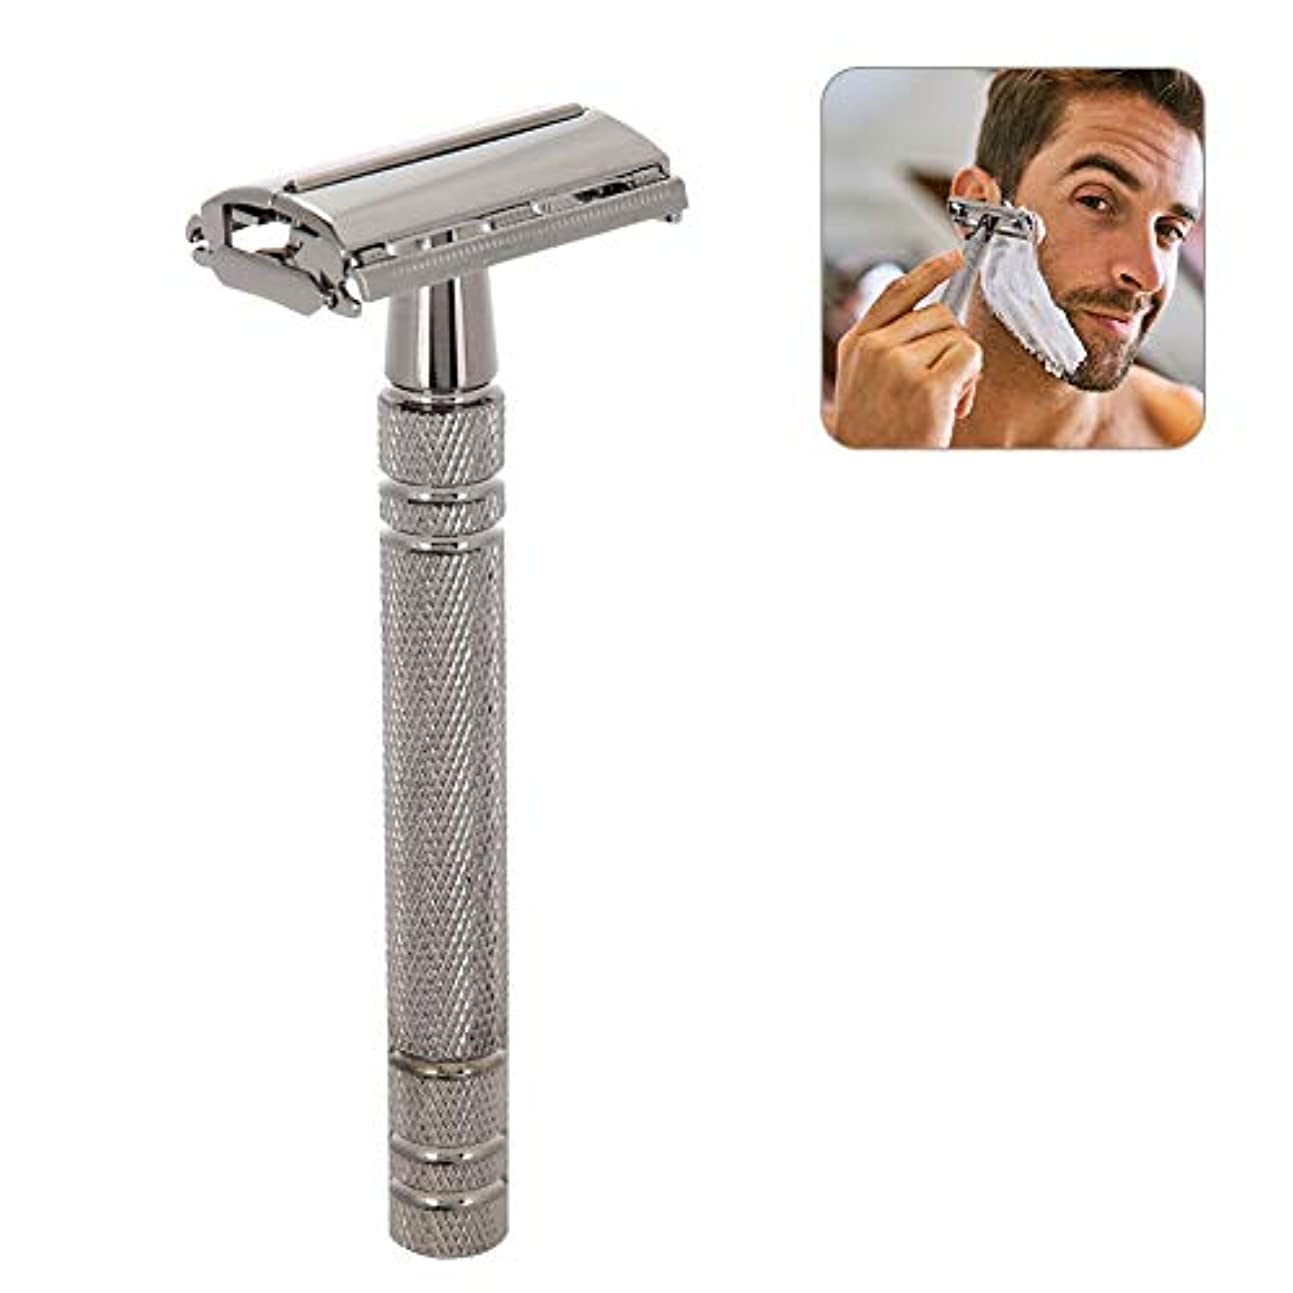 別々にぐったりアリスメンズシェーバー クラシックレイザー 脱毛器 剃刀 手動 交換可能なブレード(シルバー)